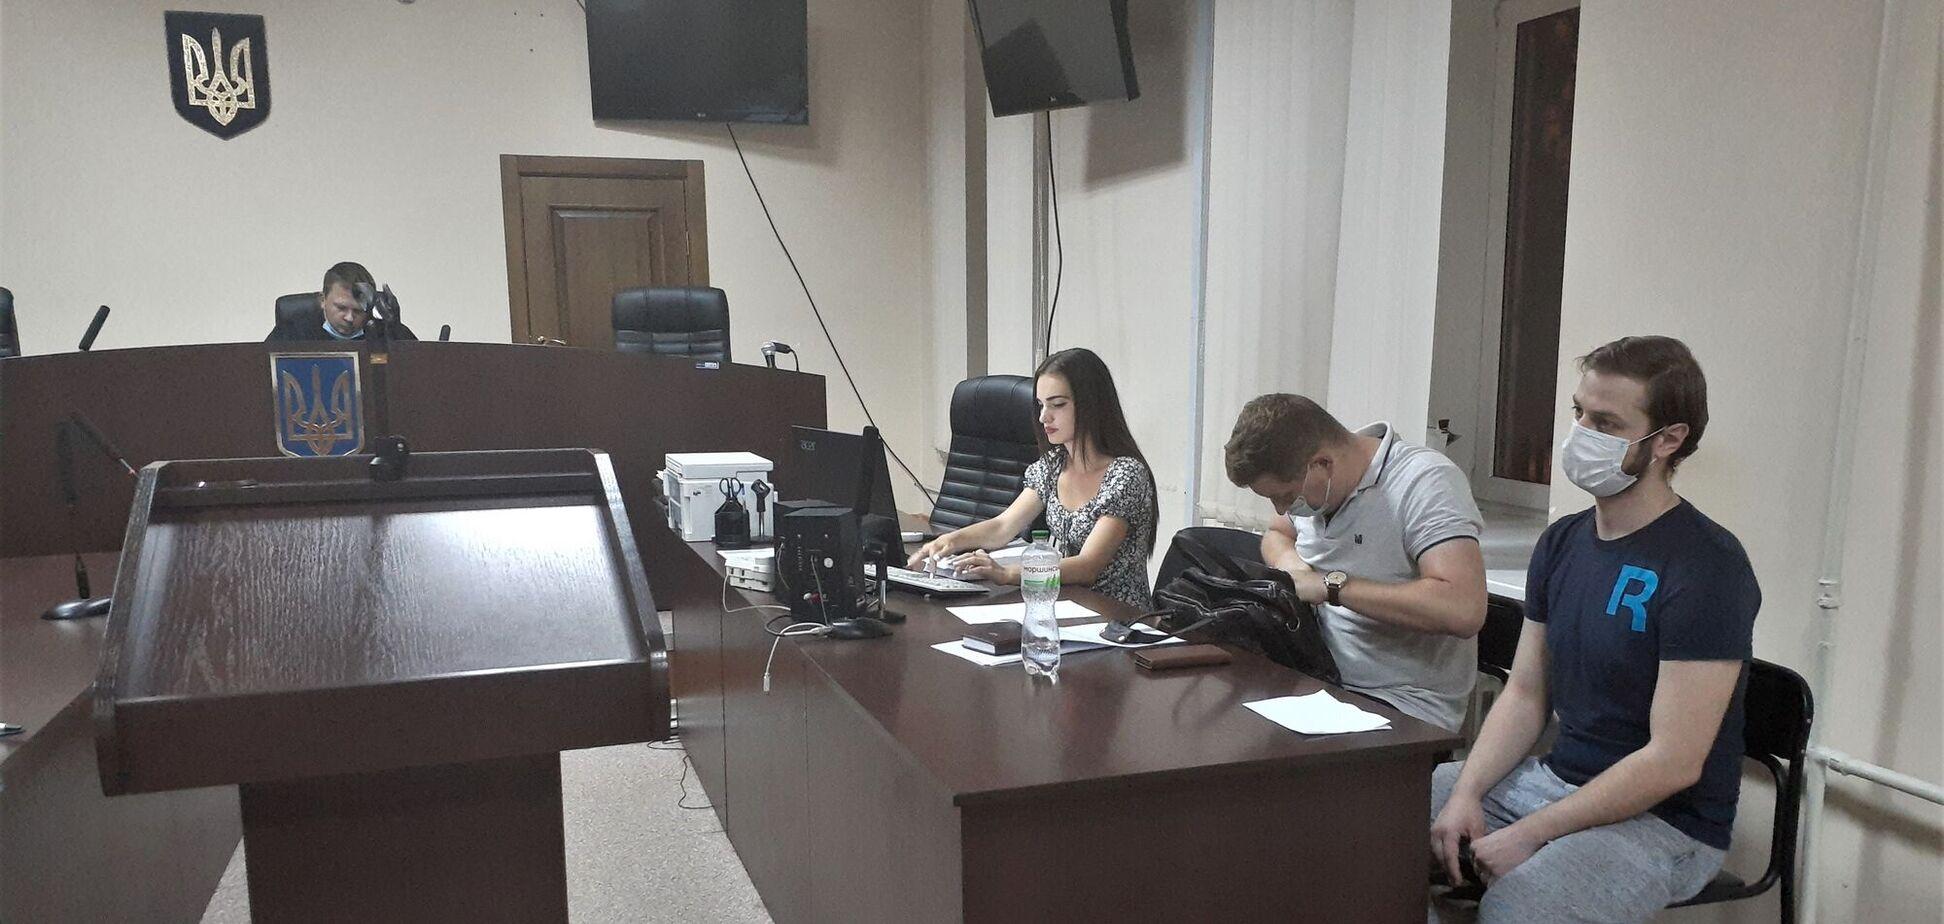 Отстраненное руководство АРМА хочет переложить вину за украденные $400 тысяч на подставное лицо – СМИ